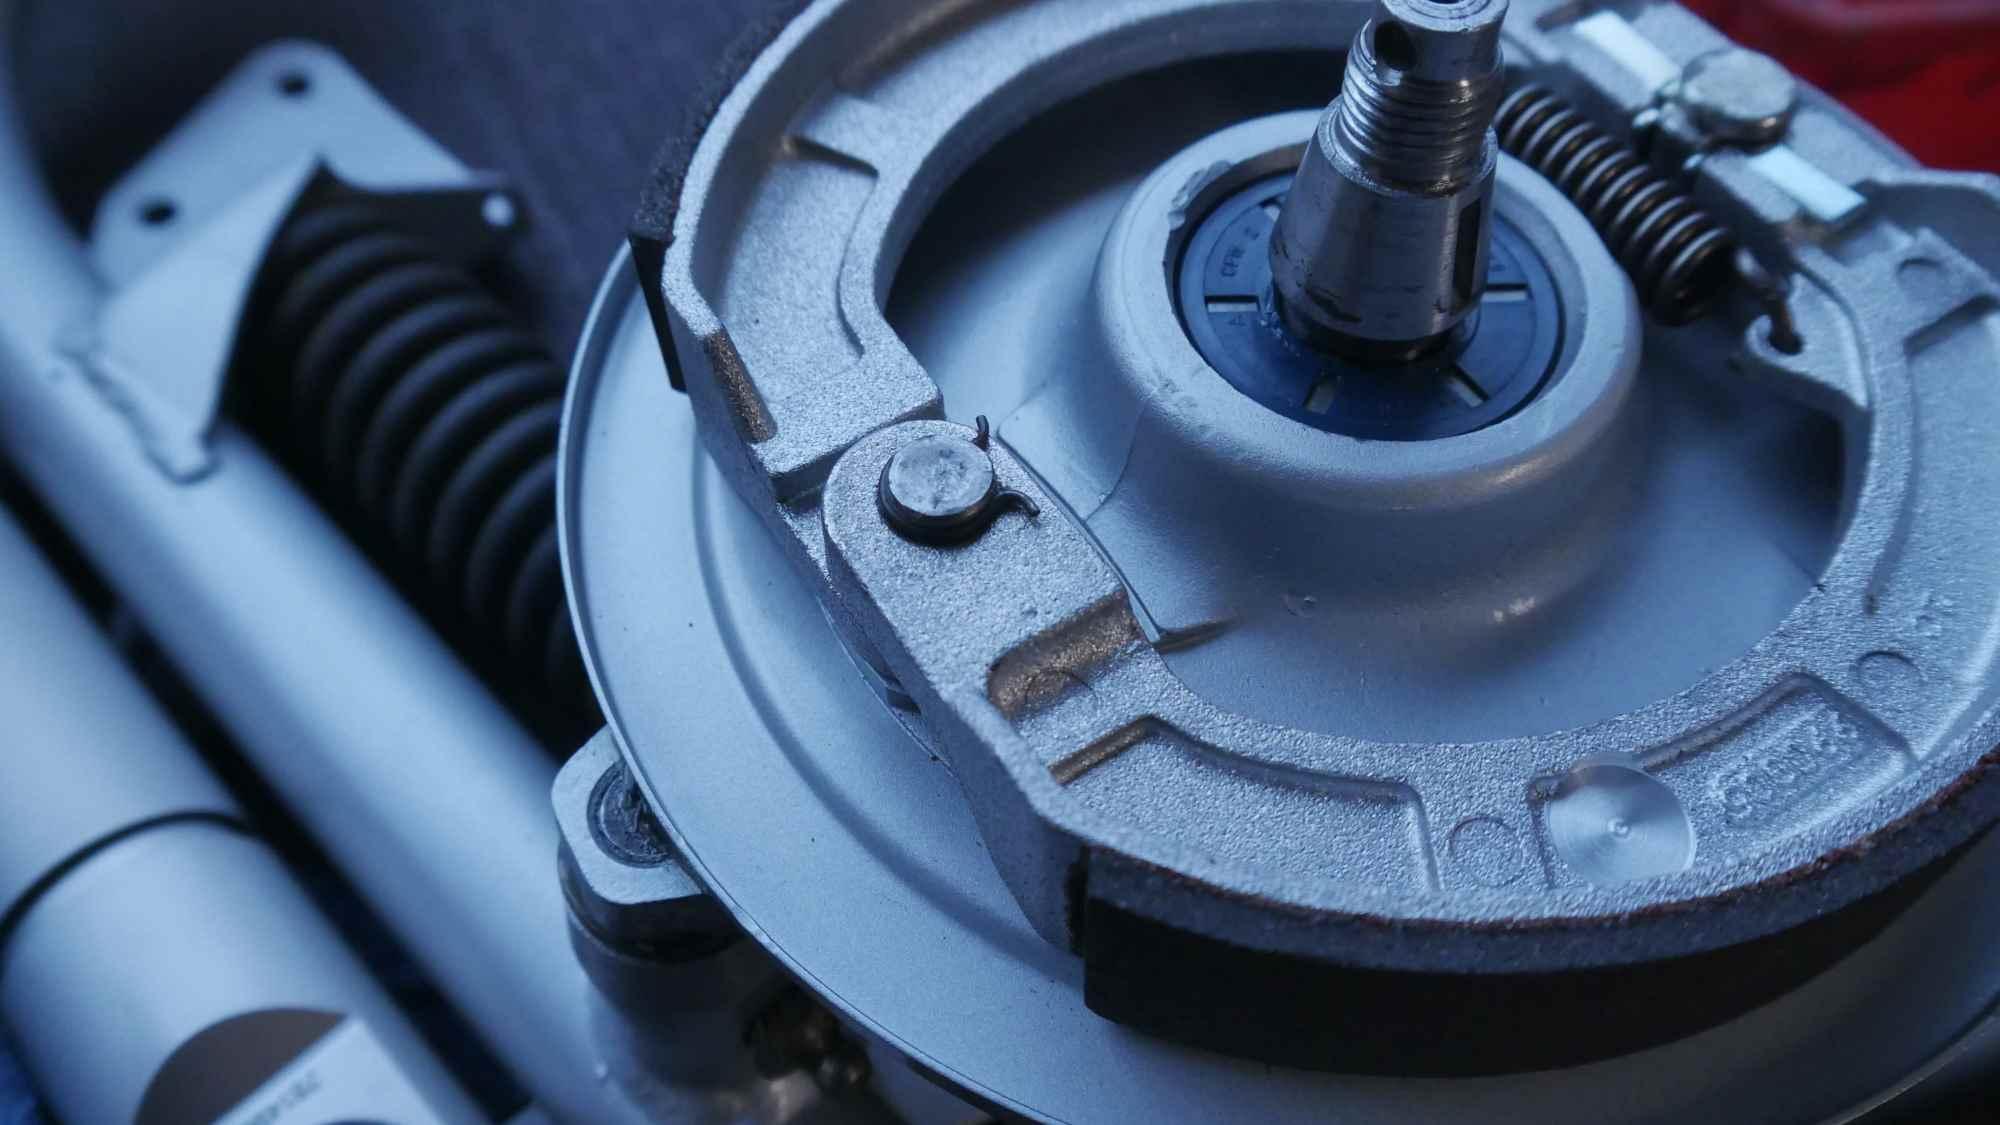 Schwinge Vespa mit Bremse neu lackiert